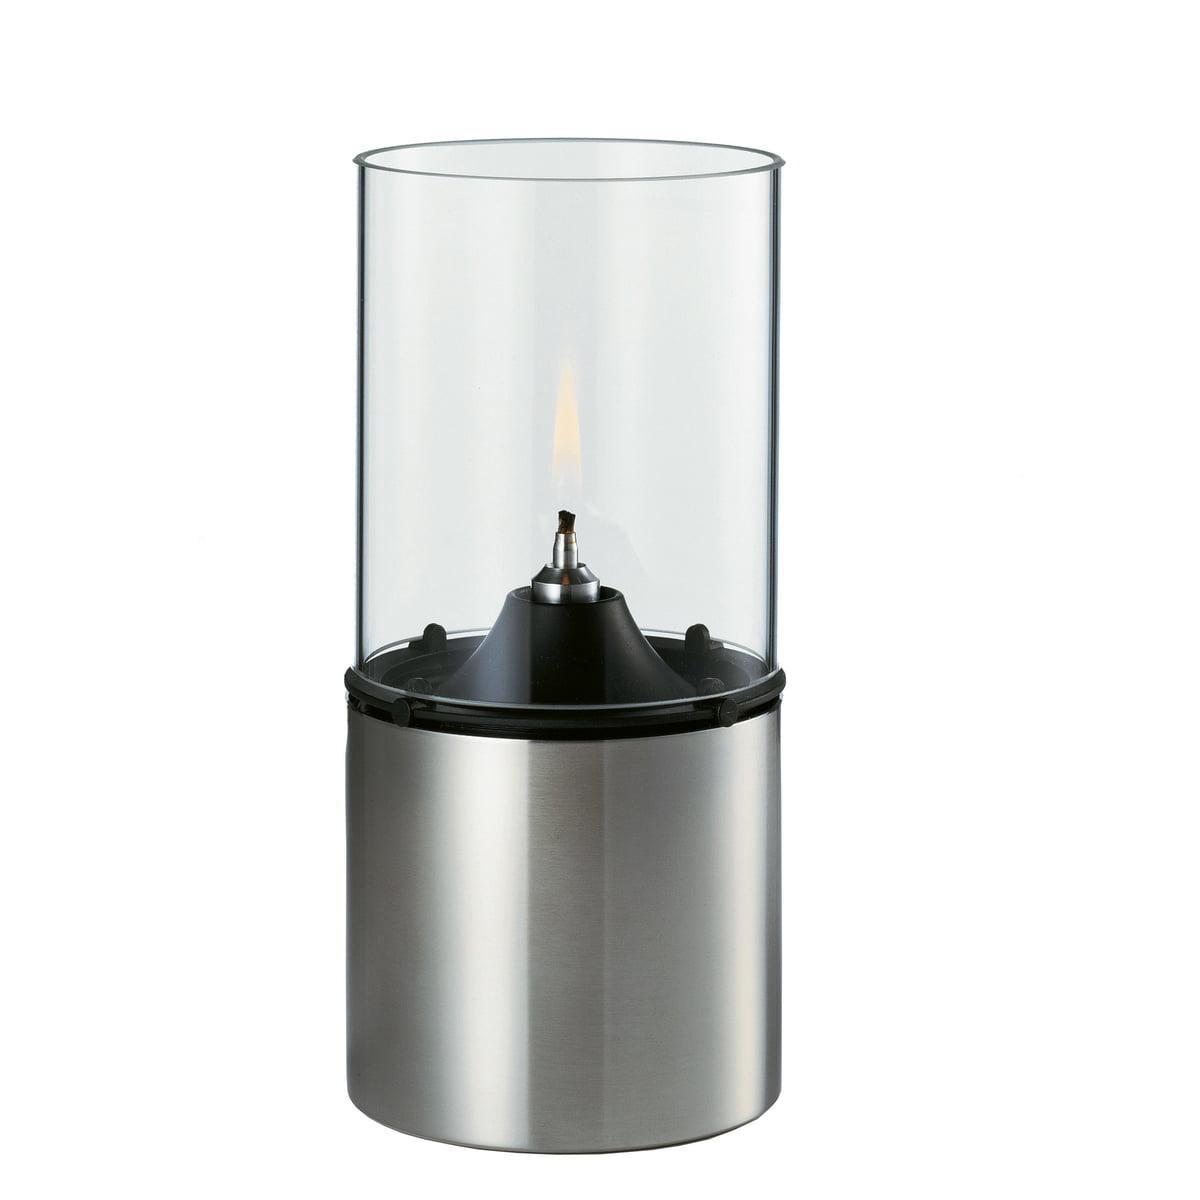 Stelton - Lampe à huile 1005 avec abat-jour en verre, satiné